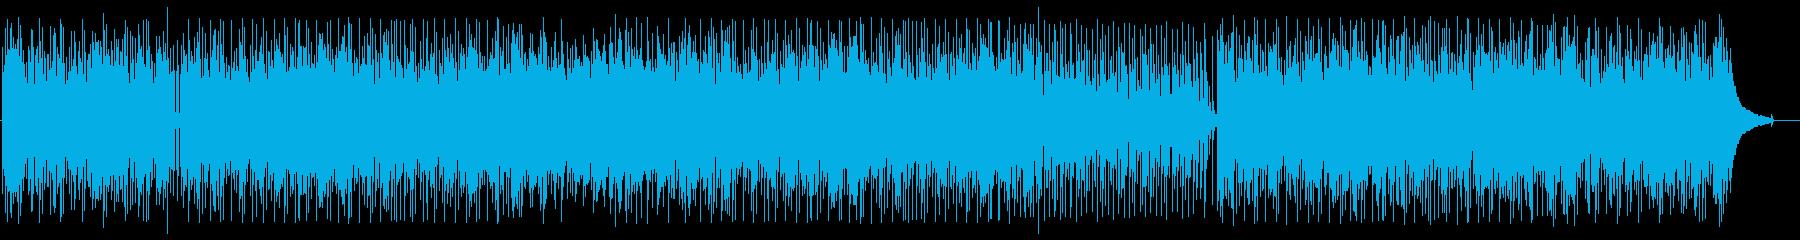 明るくポップなシンセサウンドの再生済みの波形